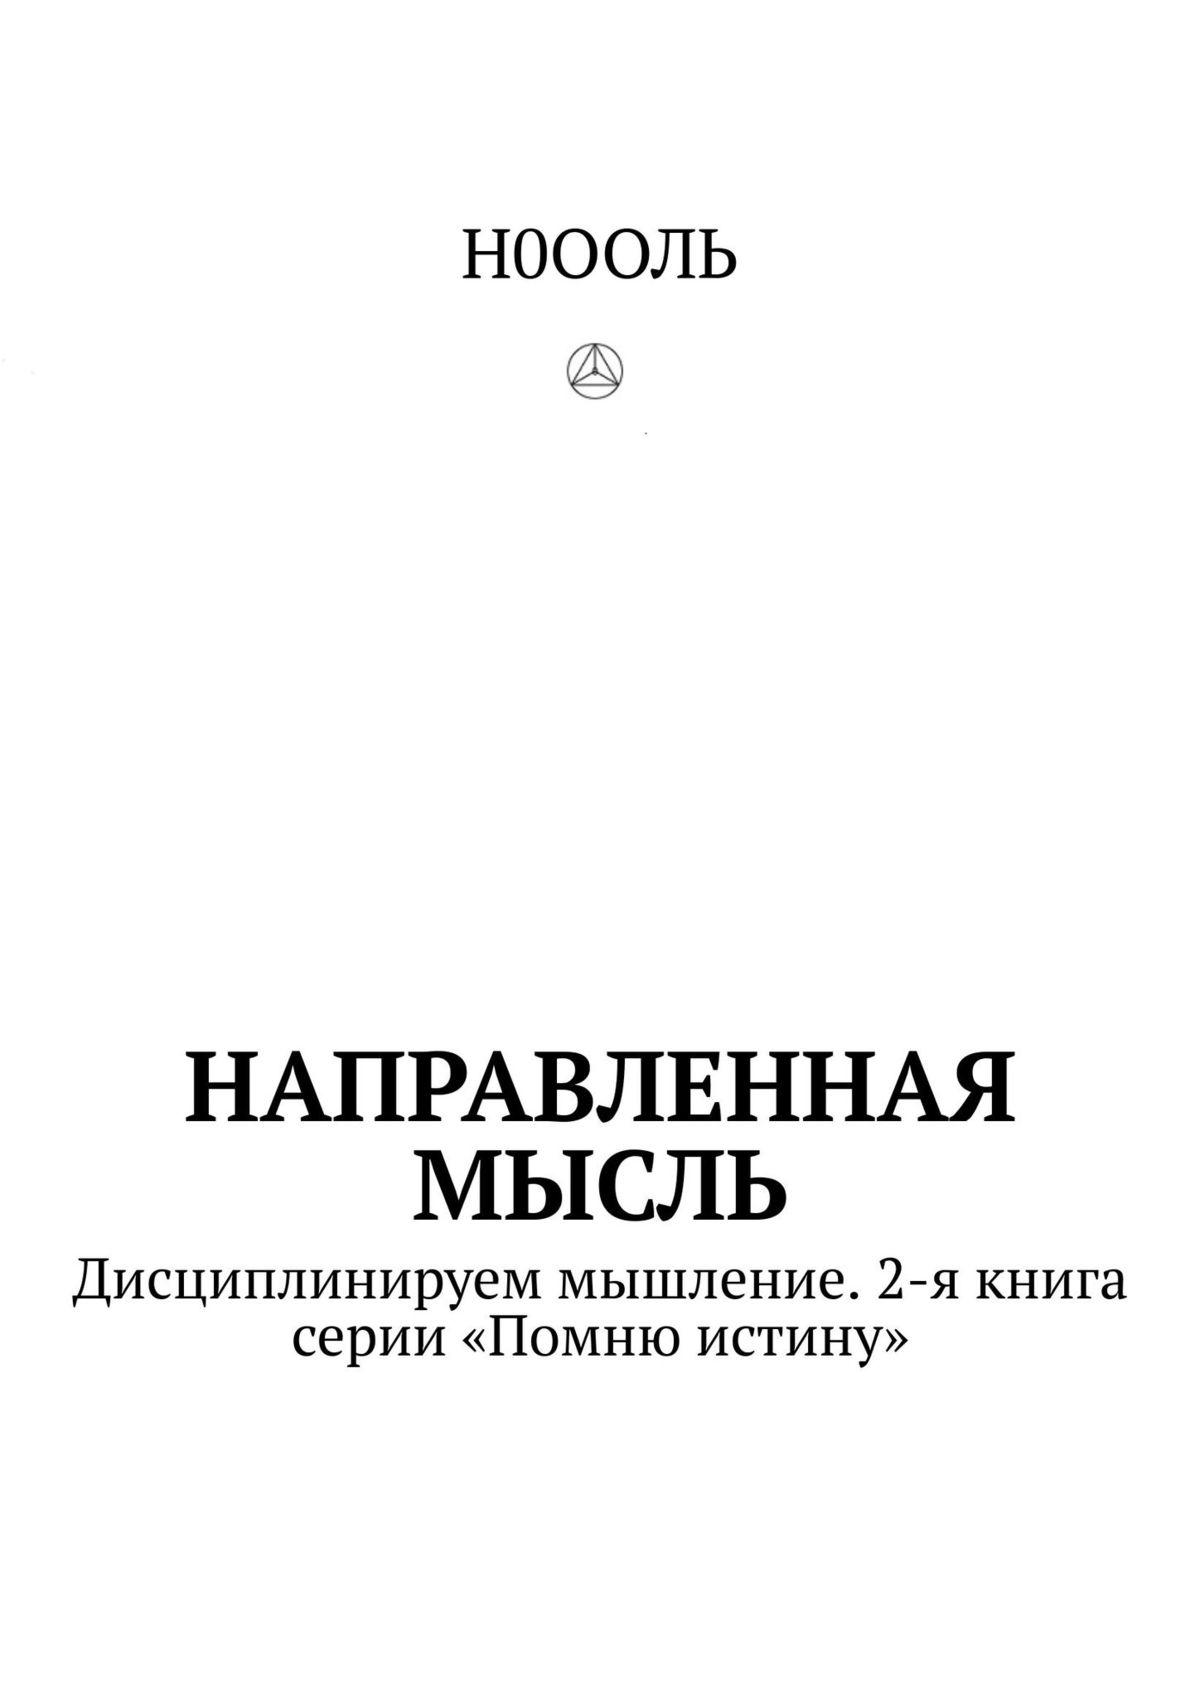 Направленная мысль. Дисциплинируем мышление. 2-я книга серии «Помню истину»